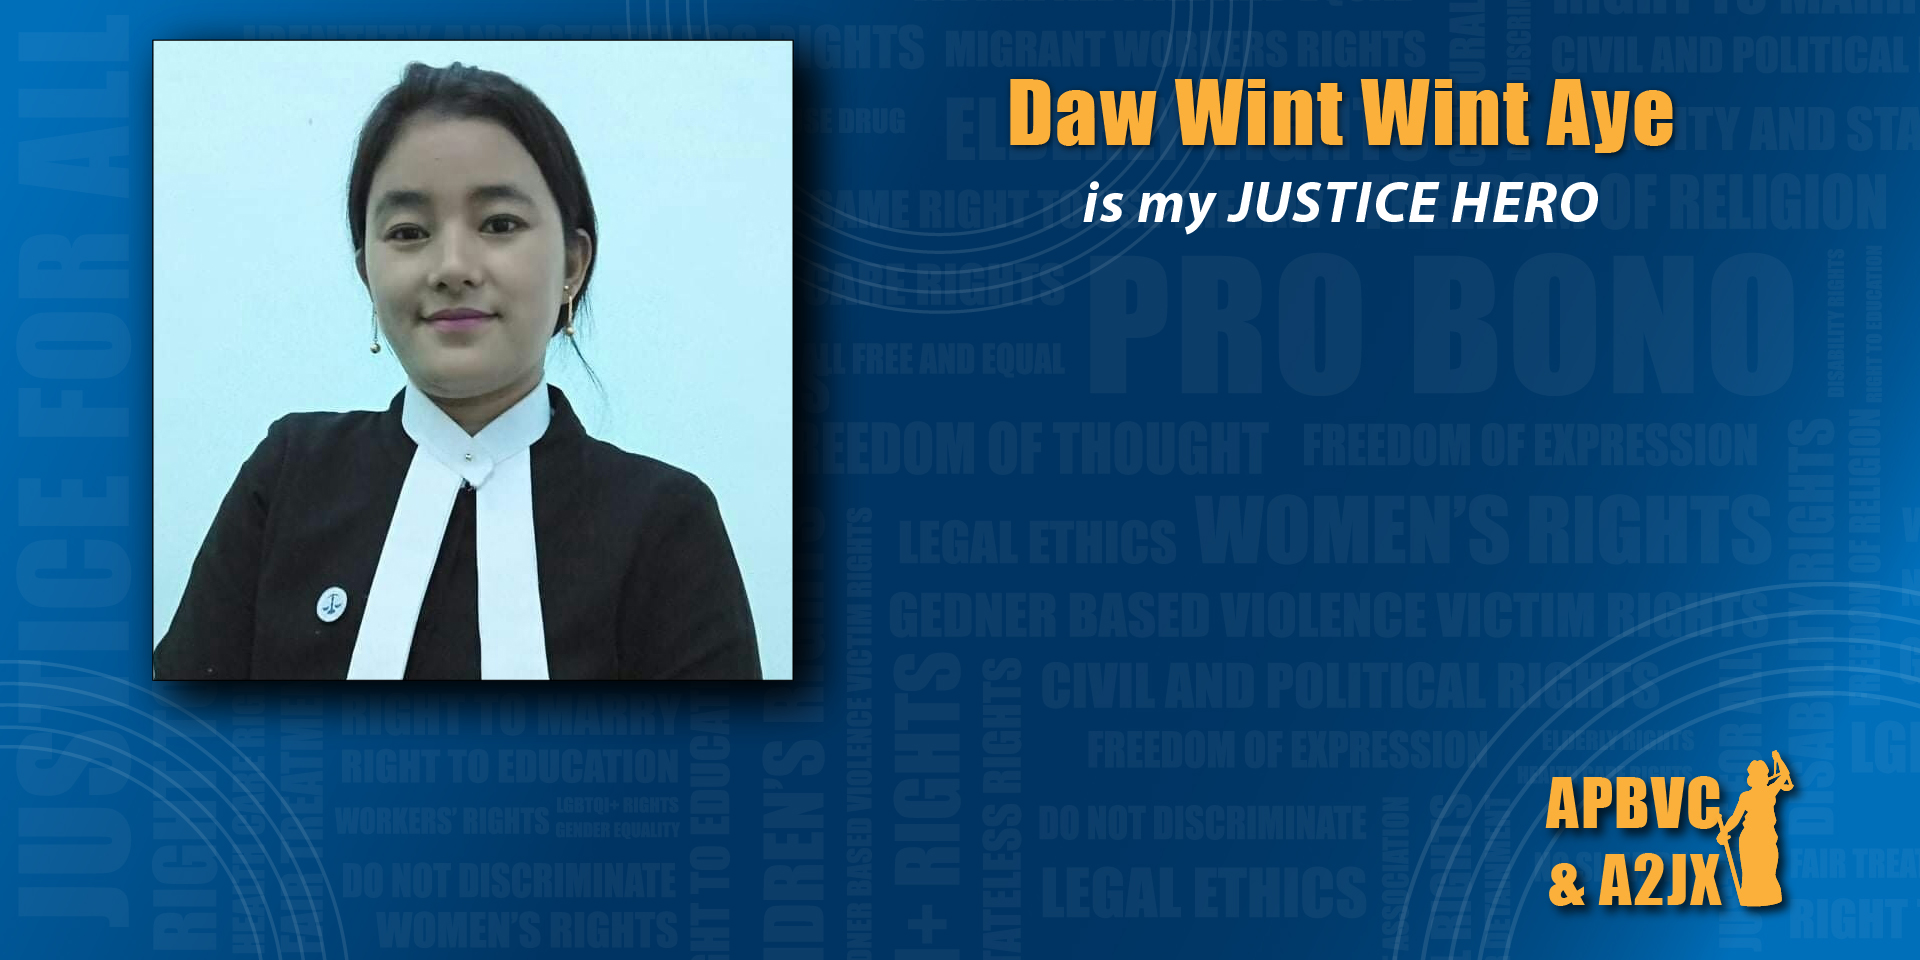 Daw Wint Wint Aye